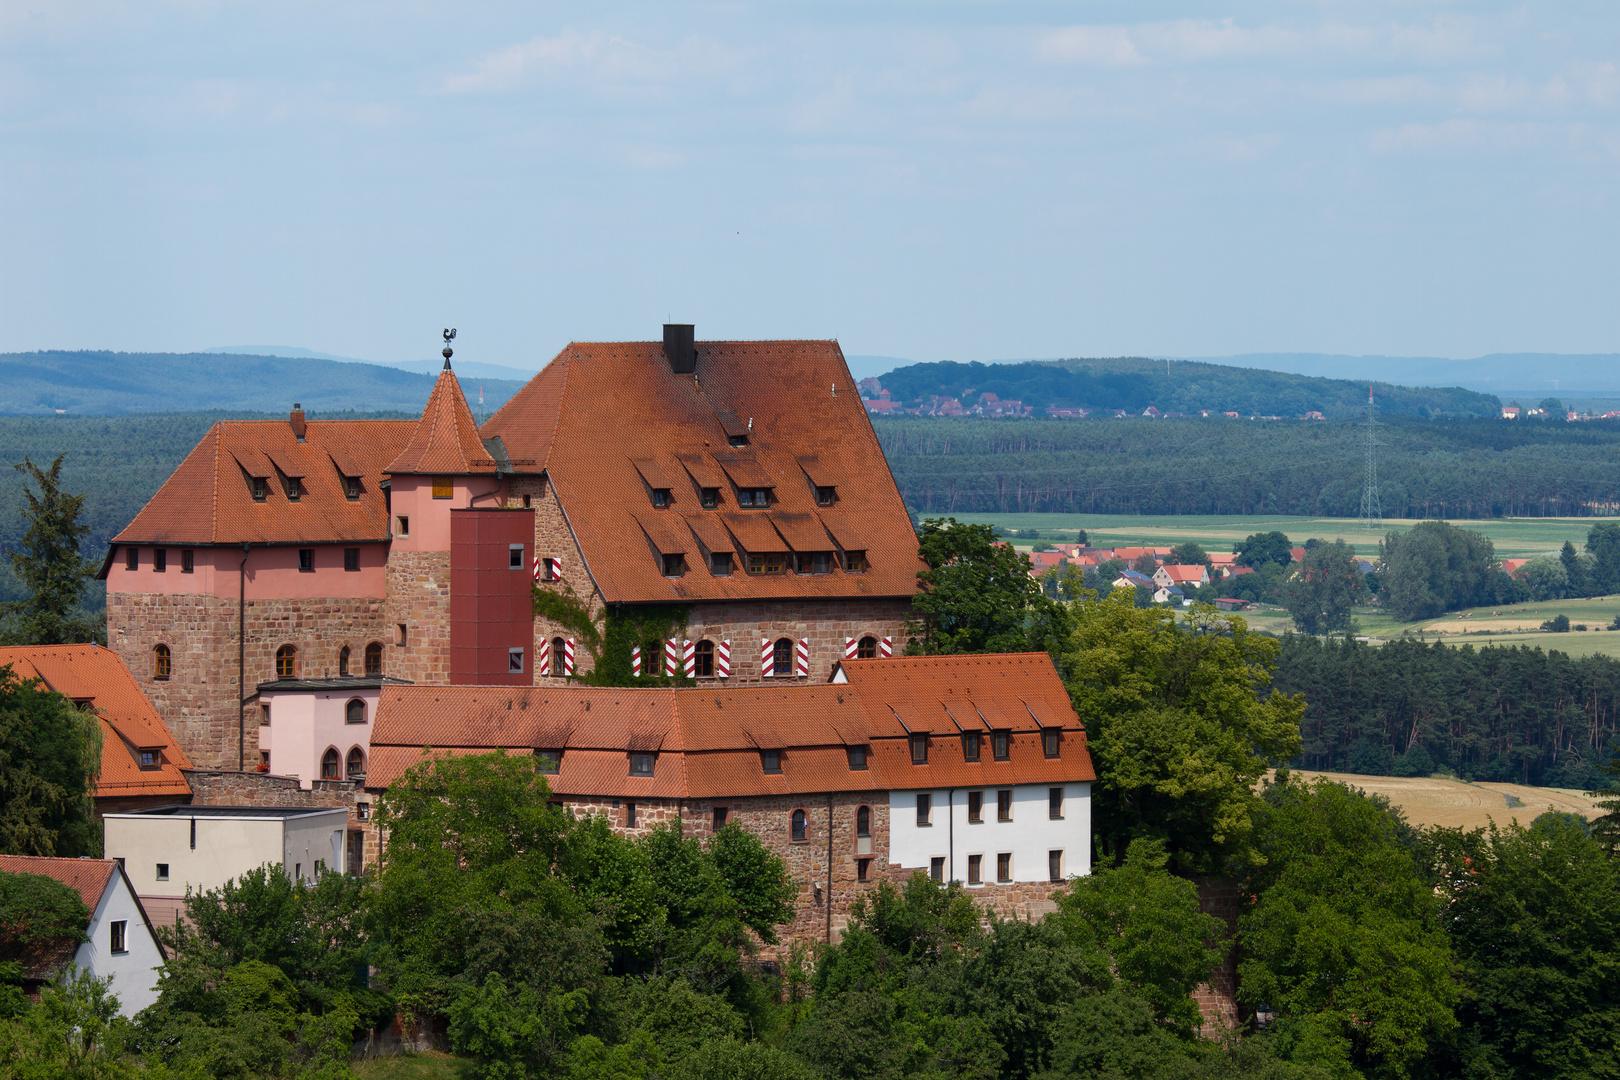 Burg Wernfels Impressionen (3)